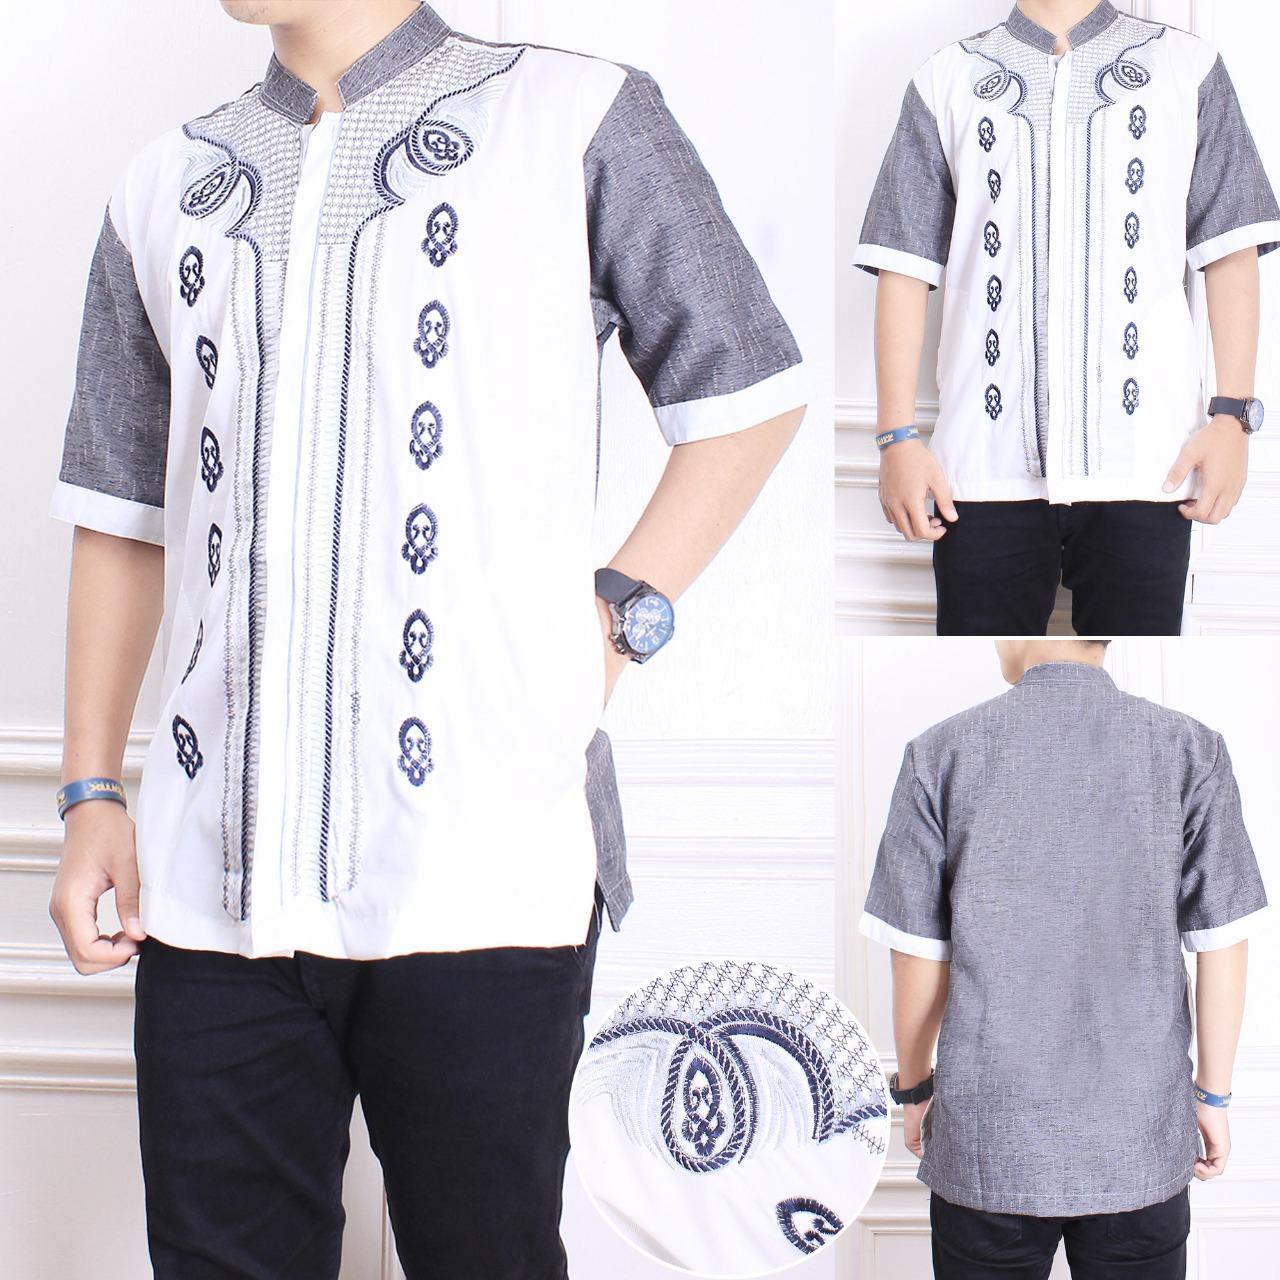 Jual Baju Muslim Pria Tebaru Kemeja Batik Hem Cowok Btk168 168 Collection Koko Mileno Lengan Pendek